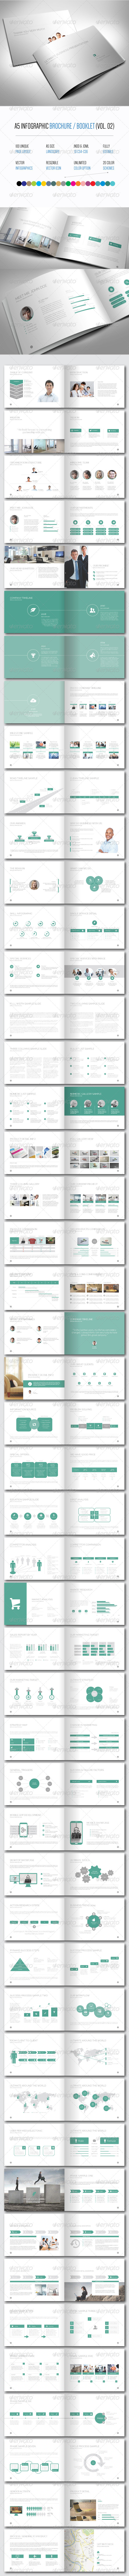 Infographic Brochure / Booklet (Vol. 02) - Corporate Brochures